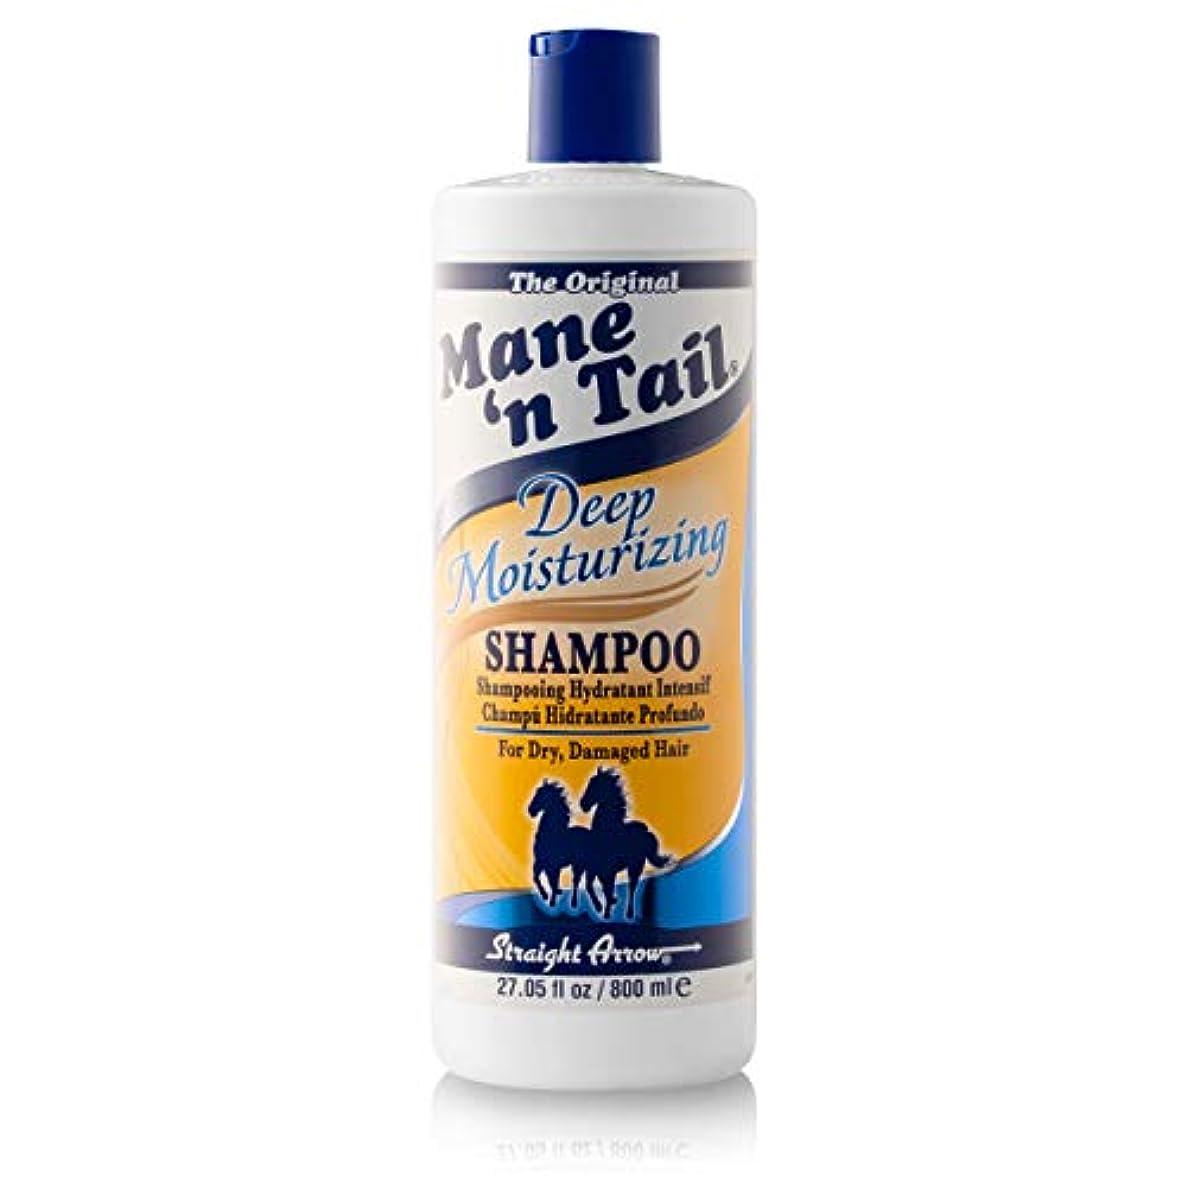 専門化するこする疼痛メインテイル Mane 'n Tail Deep Moisturizing Shampoo 27.05 oz 800ml 並行輸入品